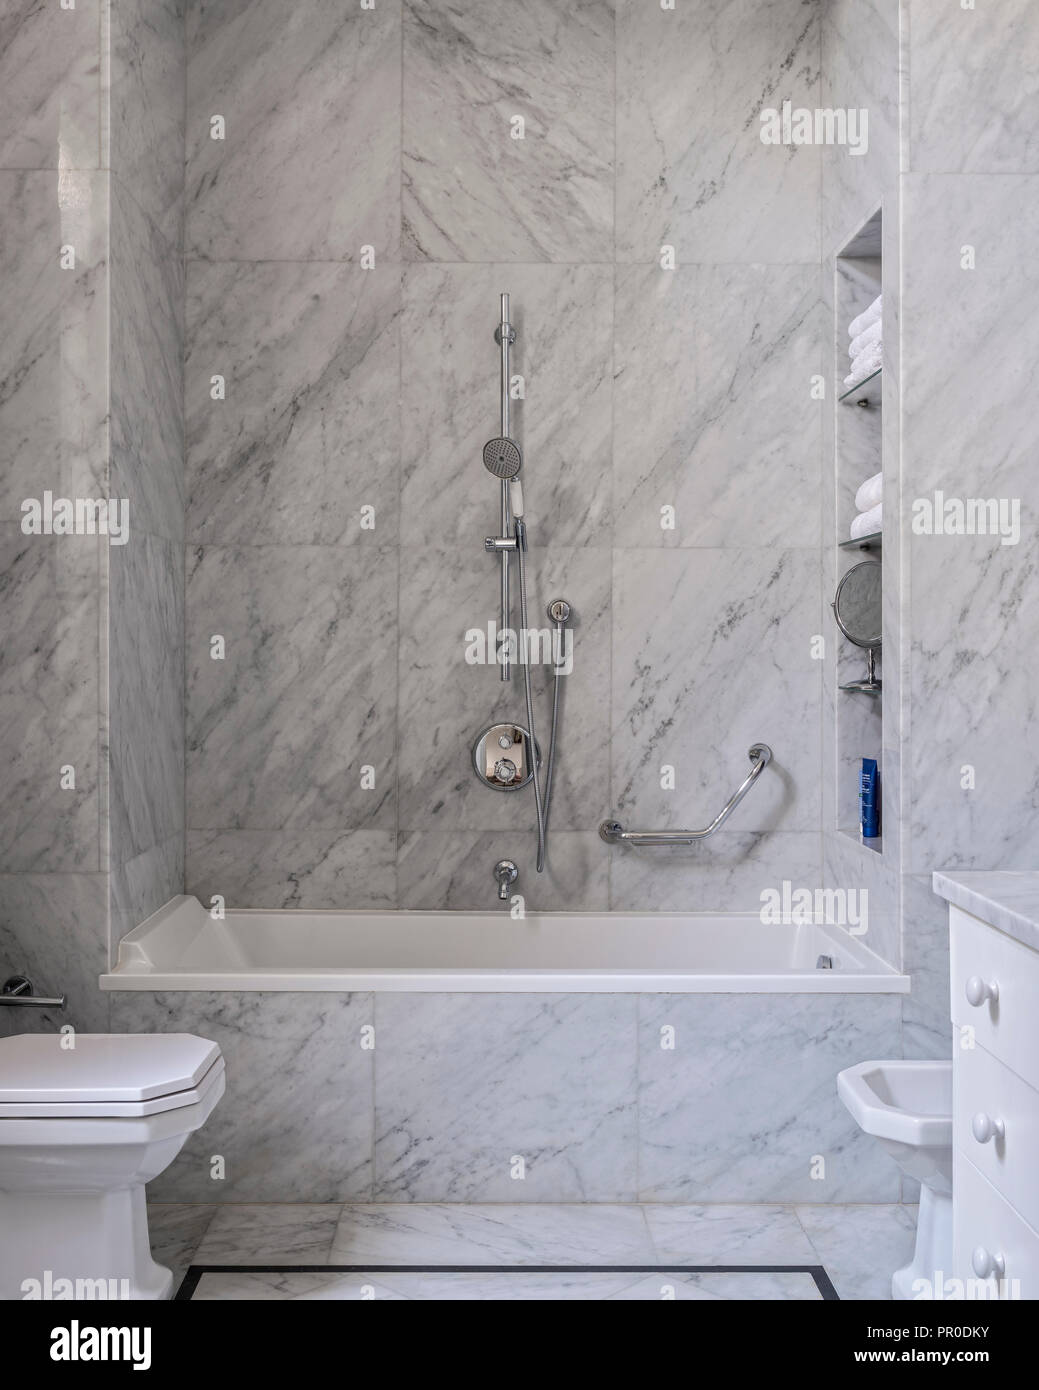 Carrelage De Salle De Bain Gris salle de bains moderne avec du carrelage en marbre gris et